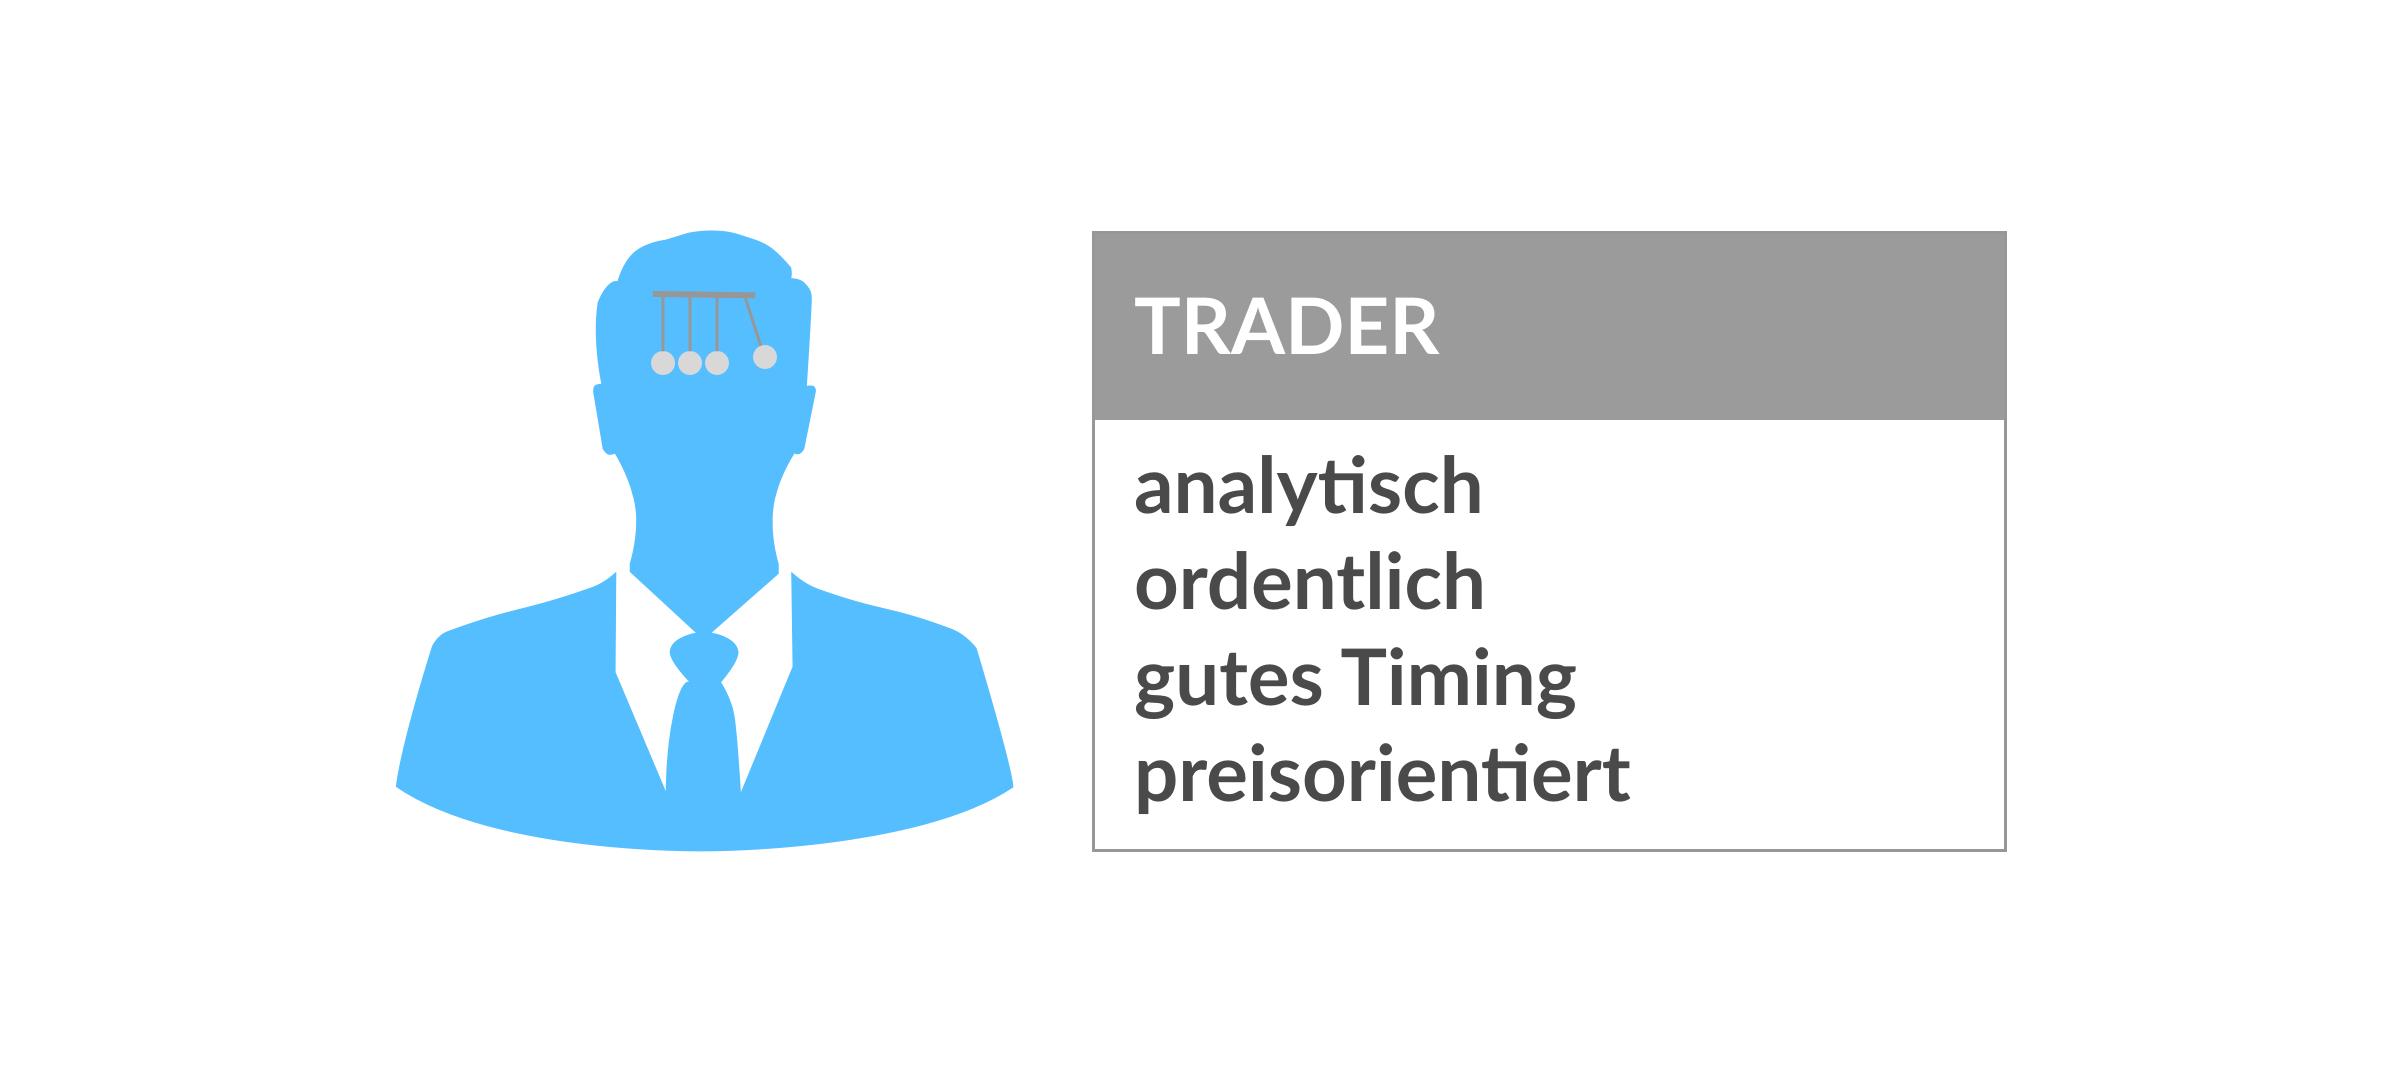 Persönlichkeitstypen Trader